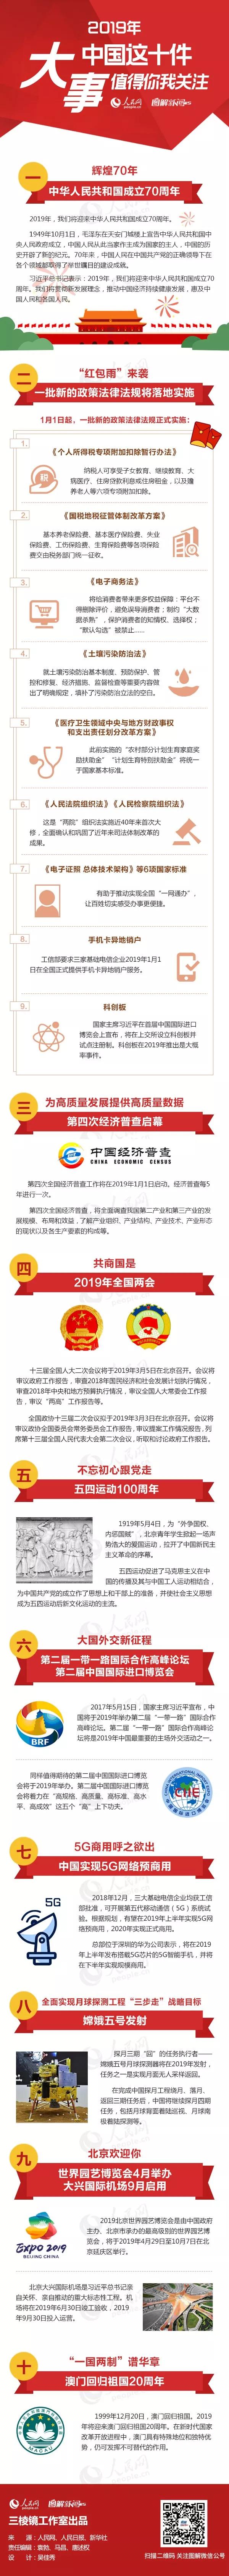 图解:2019年,中国这10件大事值得你我关注